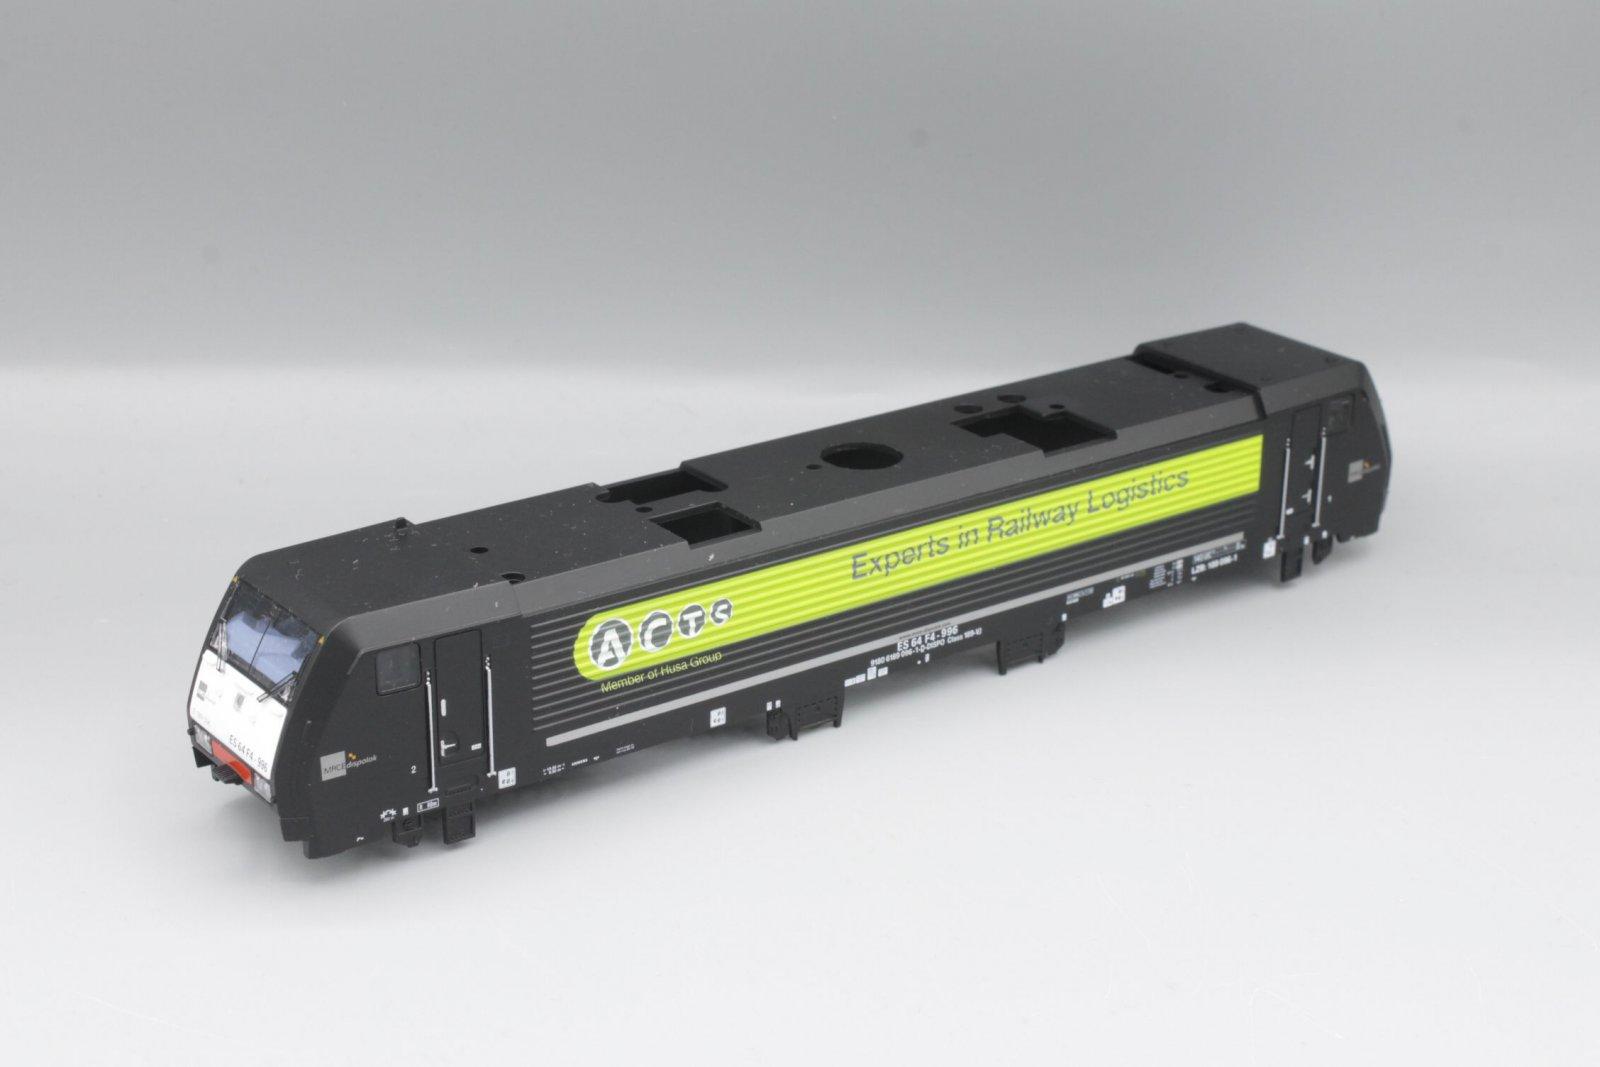 Ersatzteil Piko 189 Gehäuse ACTS schwarz MRCE Dispolok